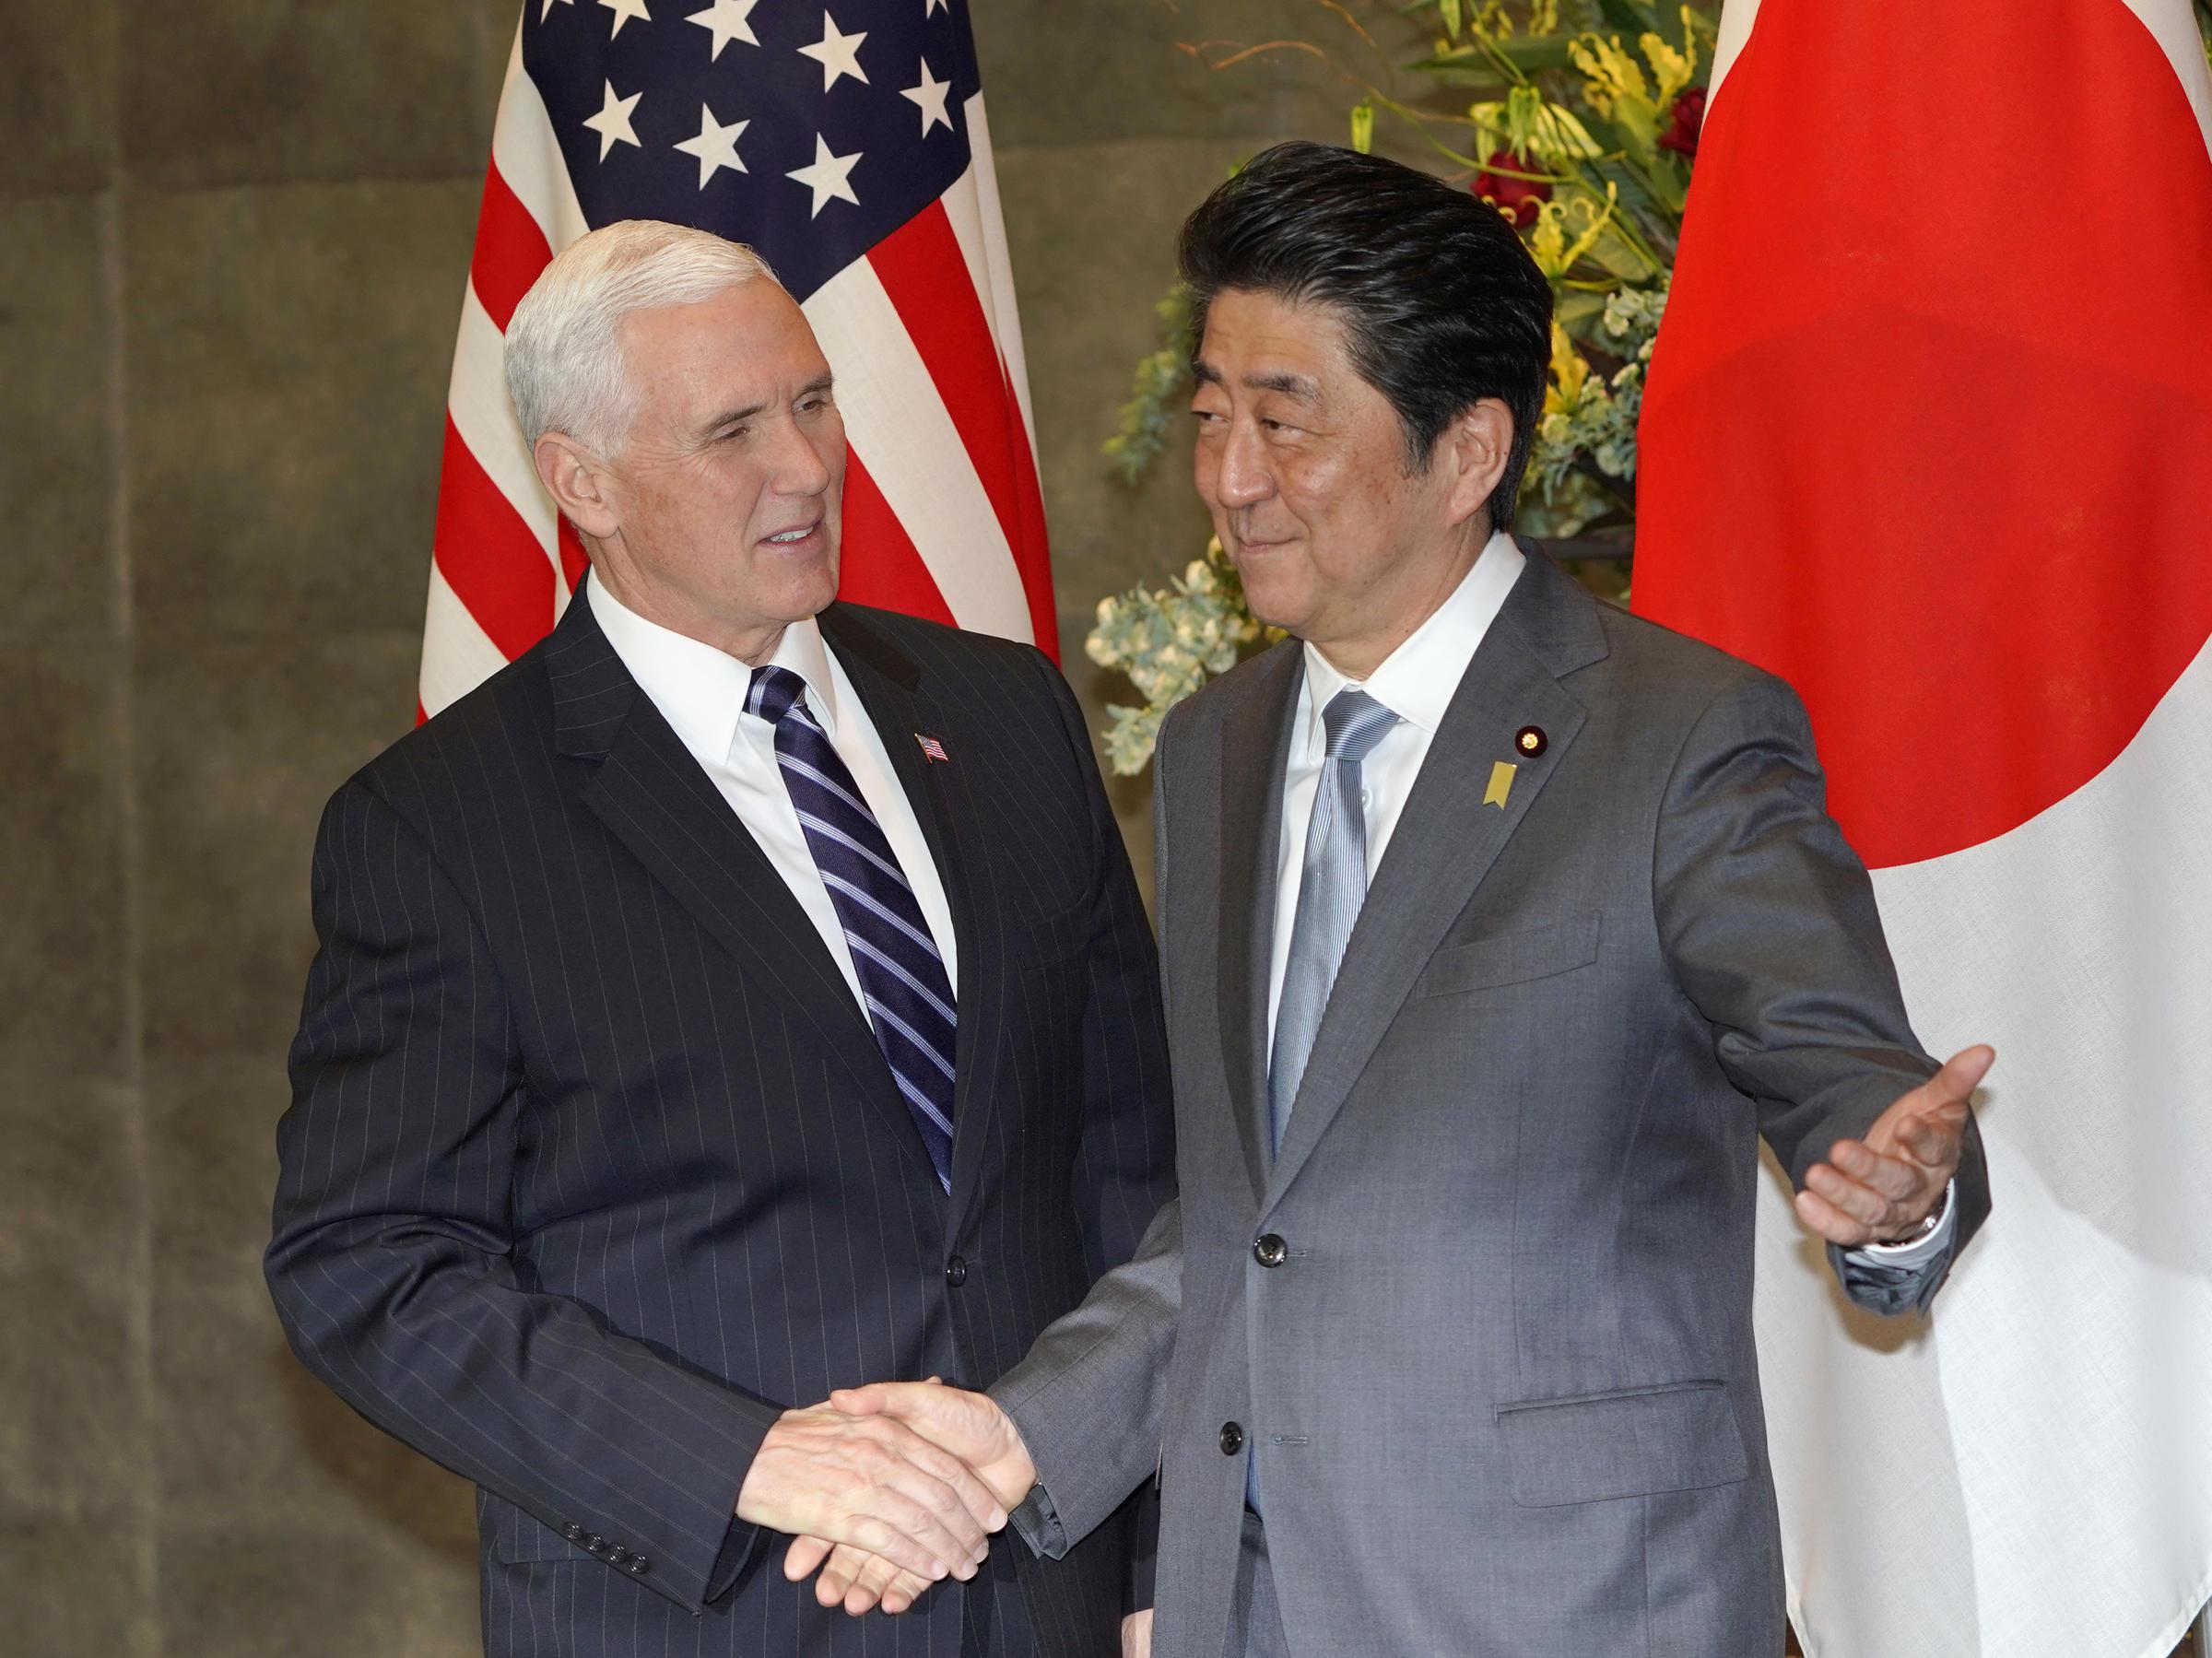 Pence seeks to reassure allies on N. Korean nuclear threat